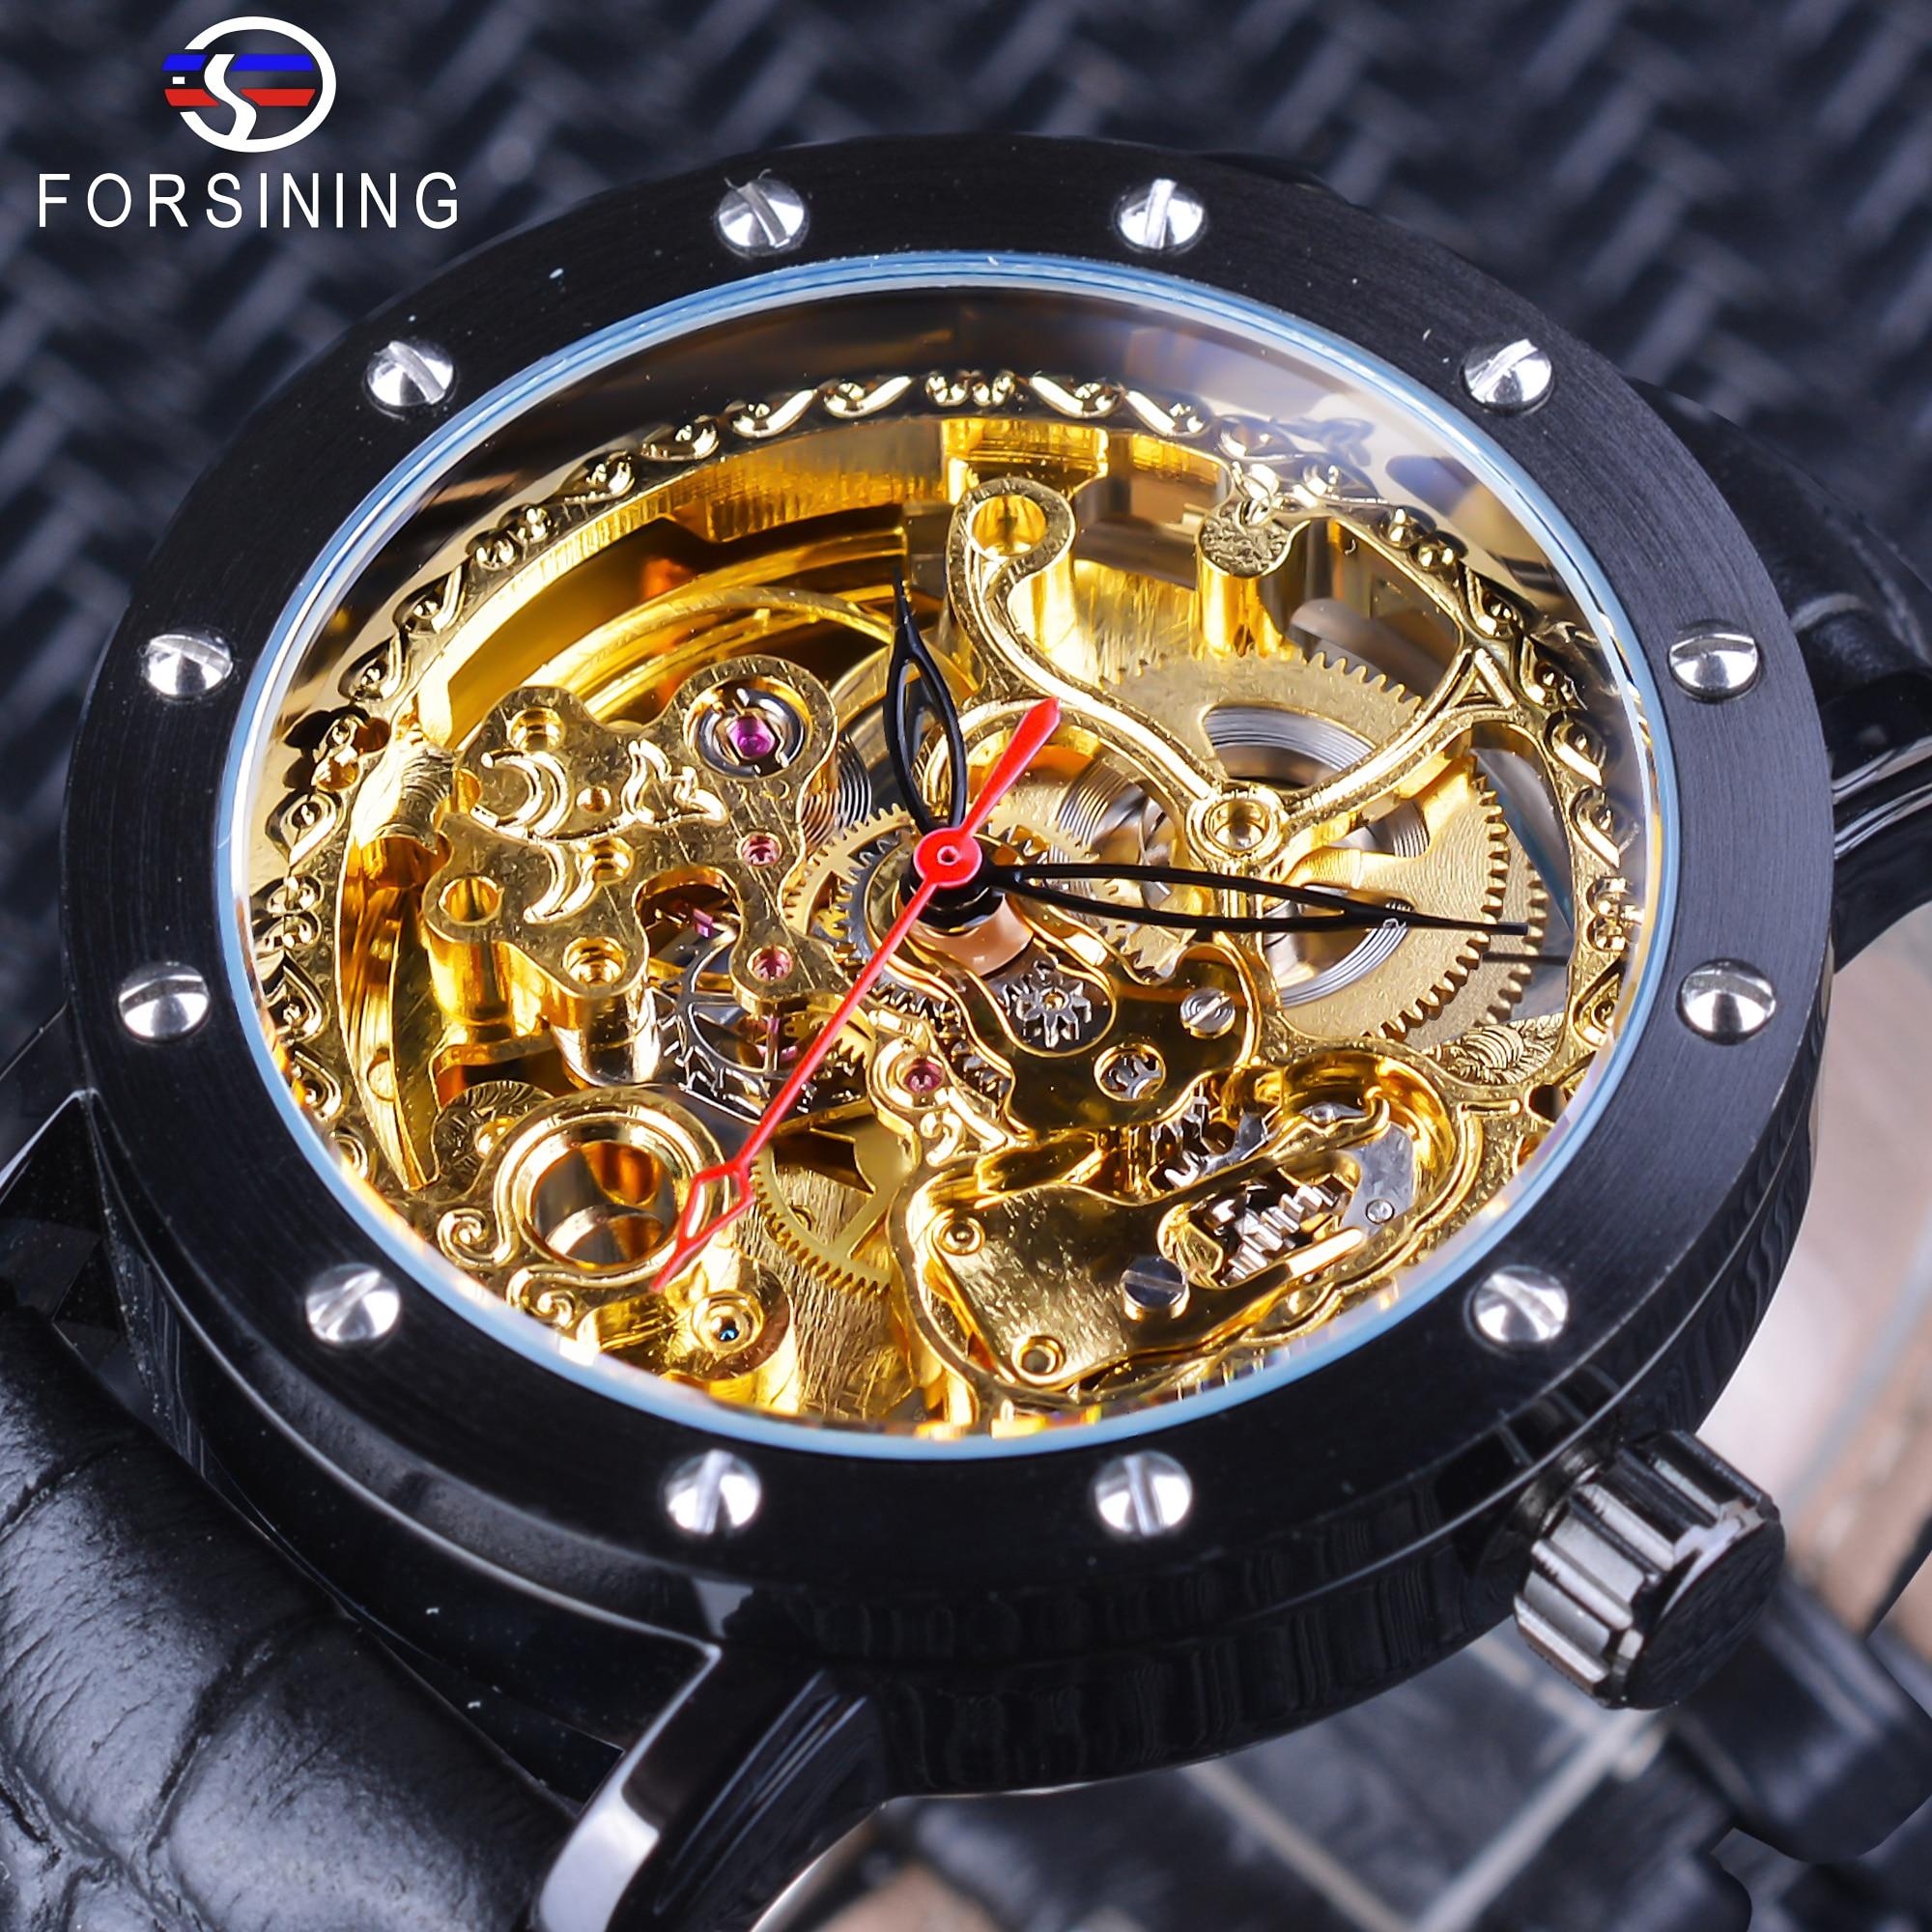 a83789bdee5 Forsining Real Flor Escultura Engrenagem Movimento de Ouro Preto  Transparente Mecânico Dos Homens de Couro Genuíno